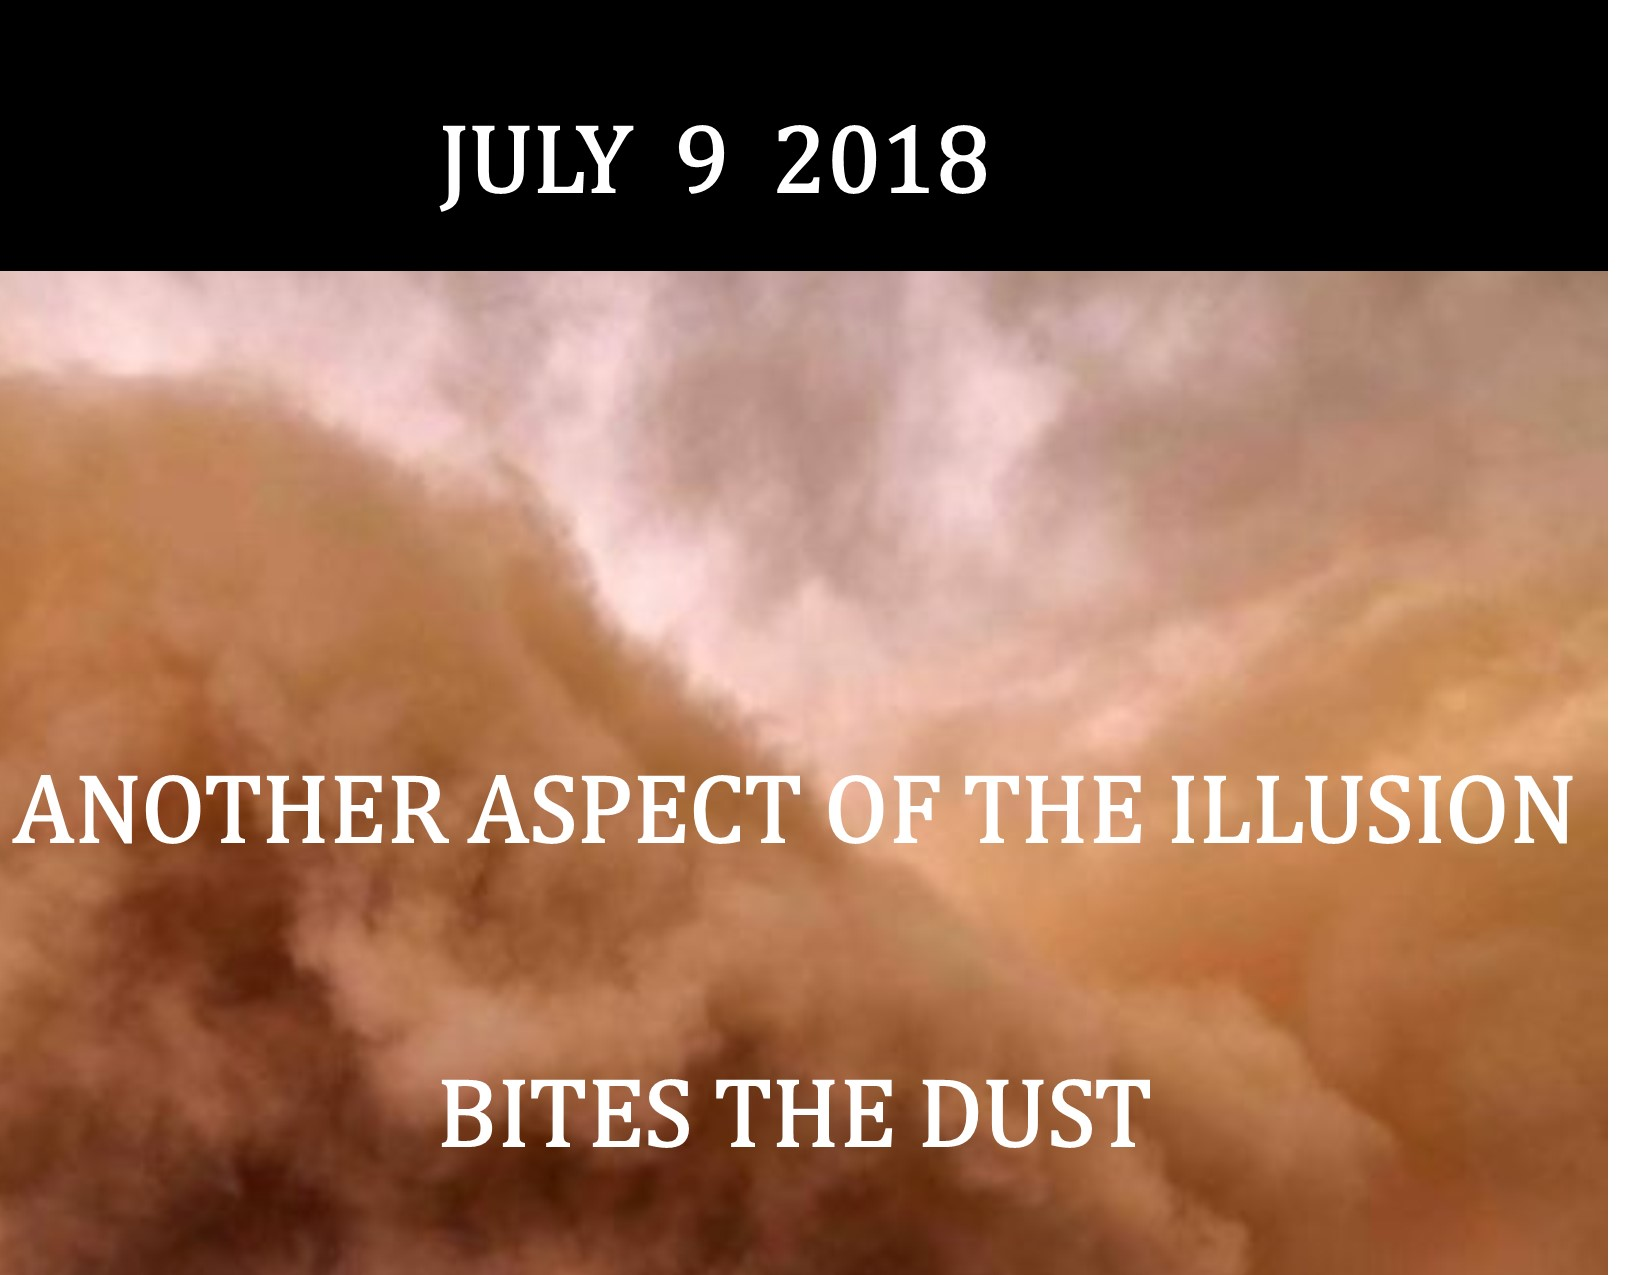 JULY 2018 UPDATE 7-9-18 PEG